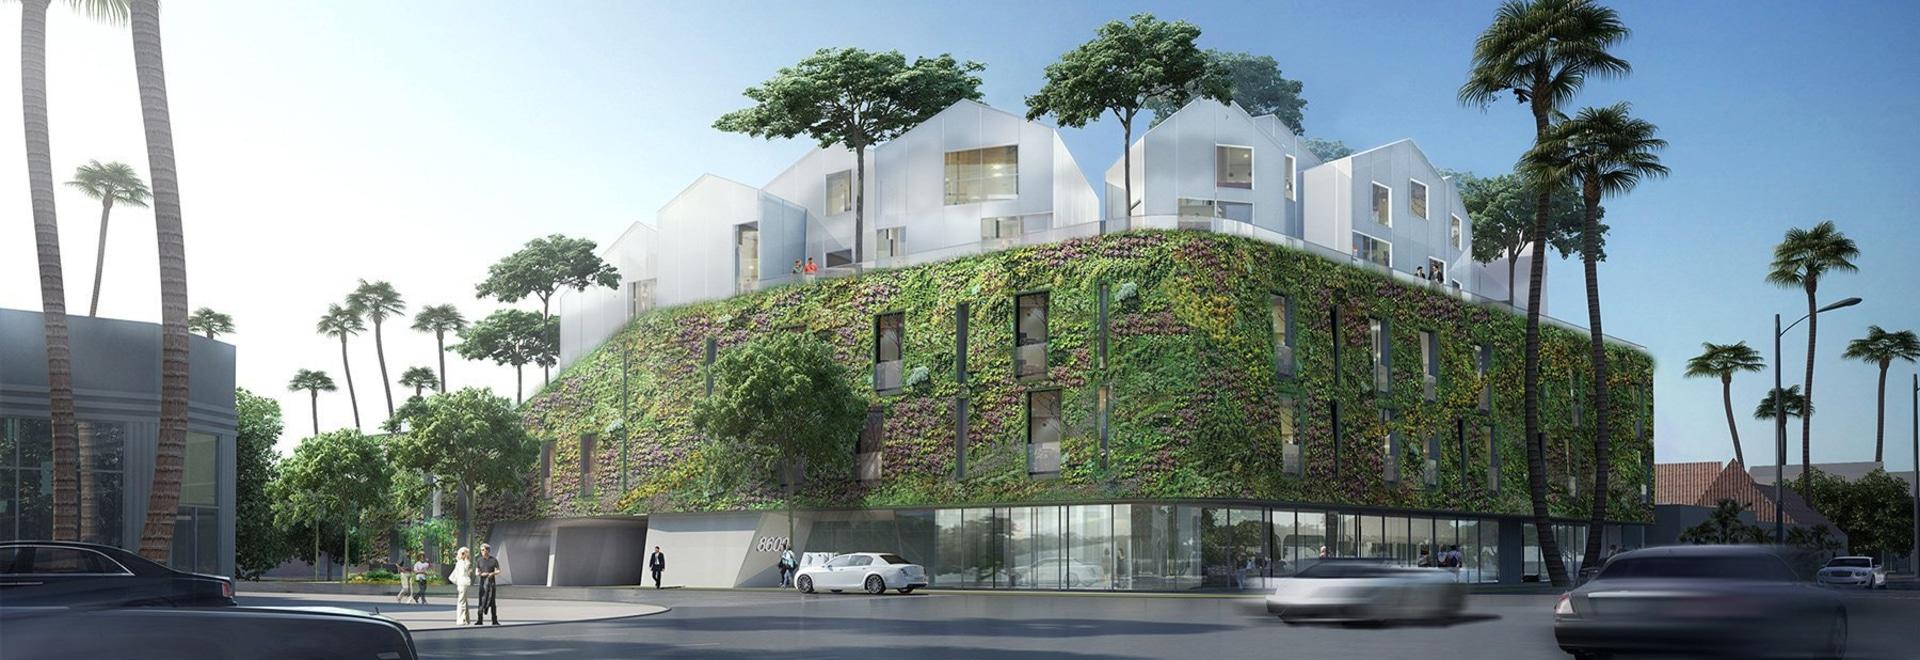 Le premier projet des USA des architectes FOUS, un village résidentiel de sommet, complète à Beverly Hills